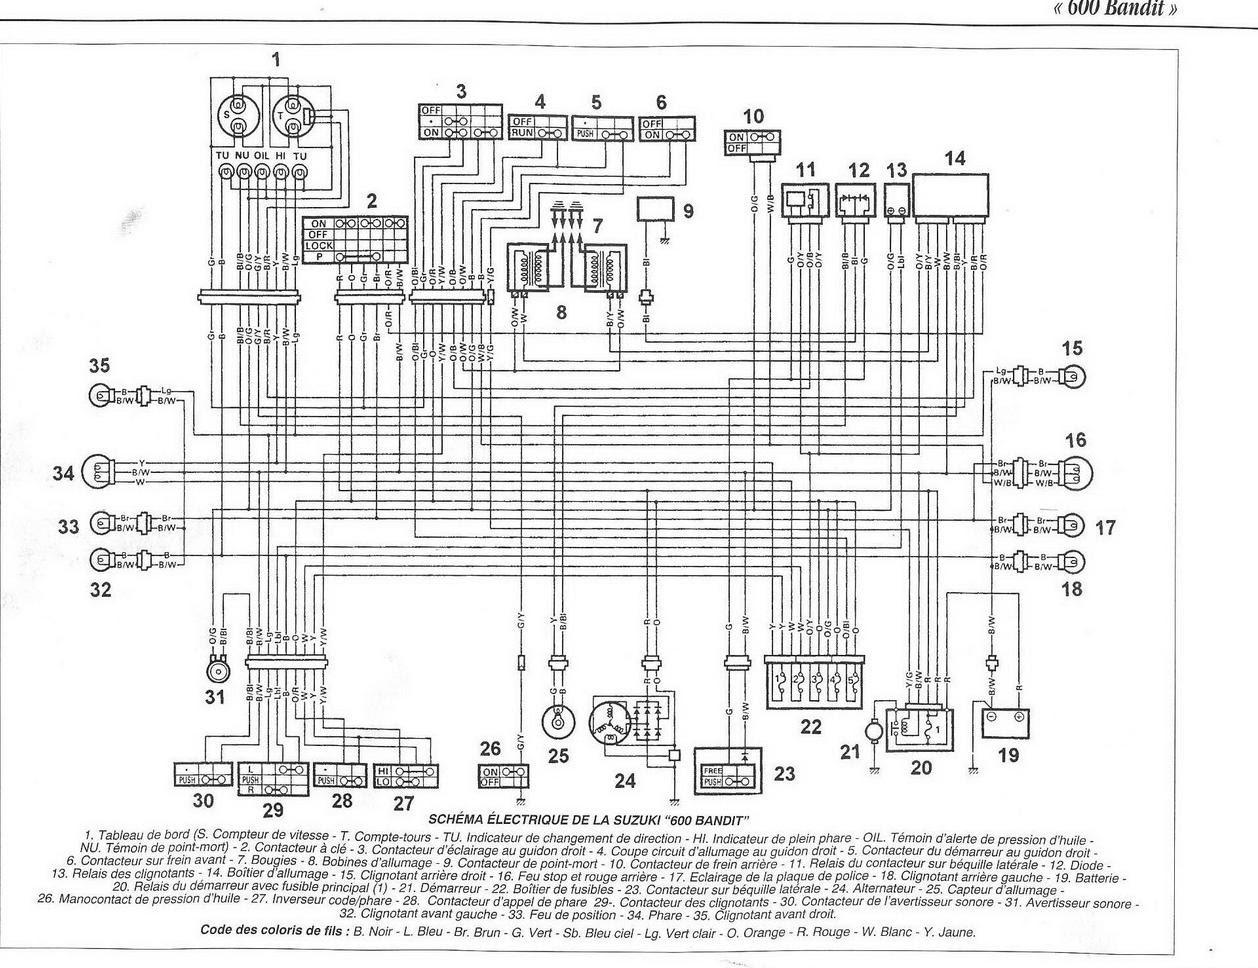 56 Schema Electrique Suzuki 1250 Bandit